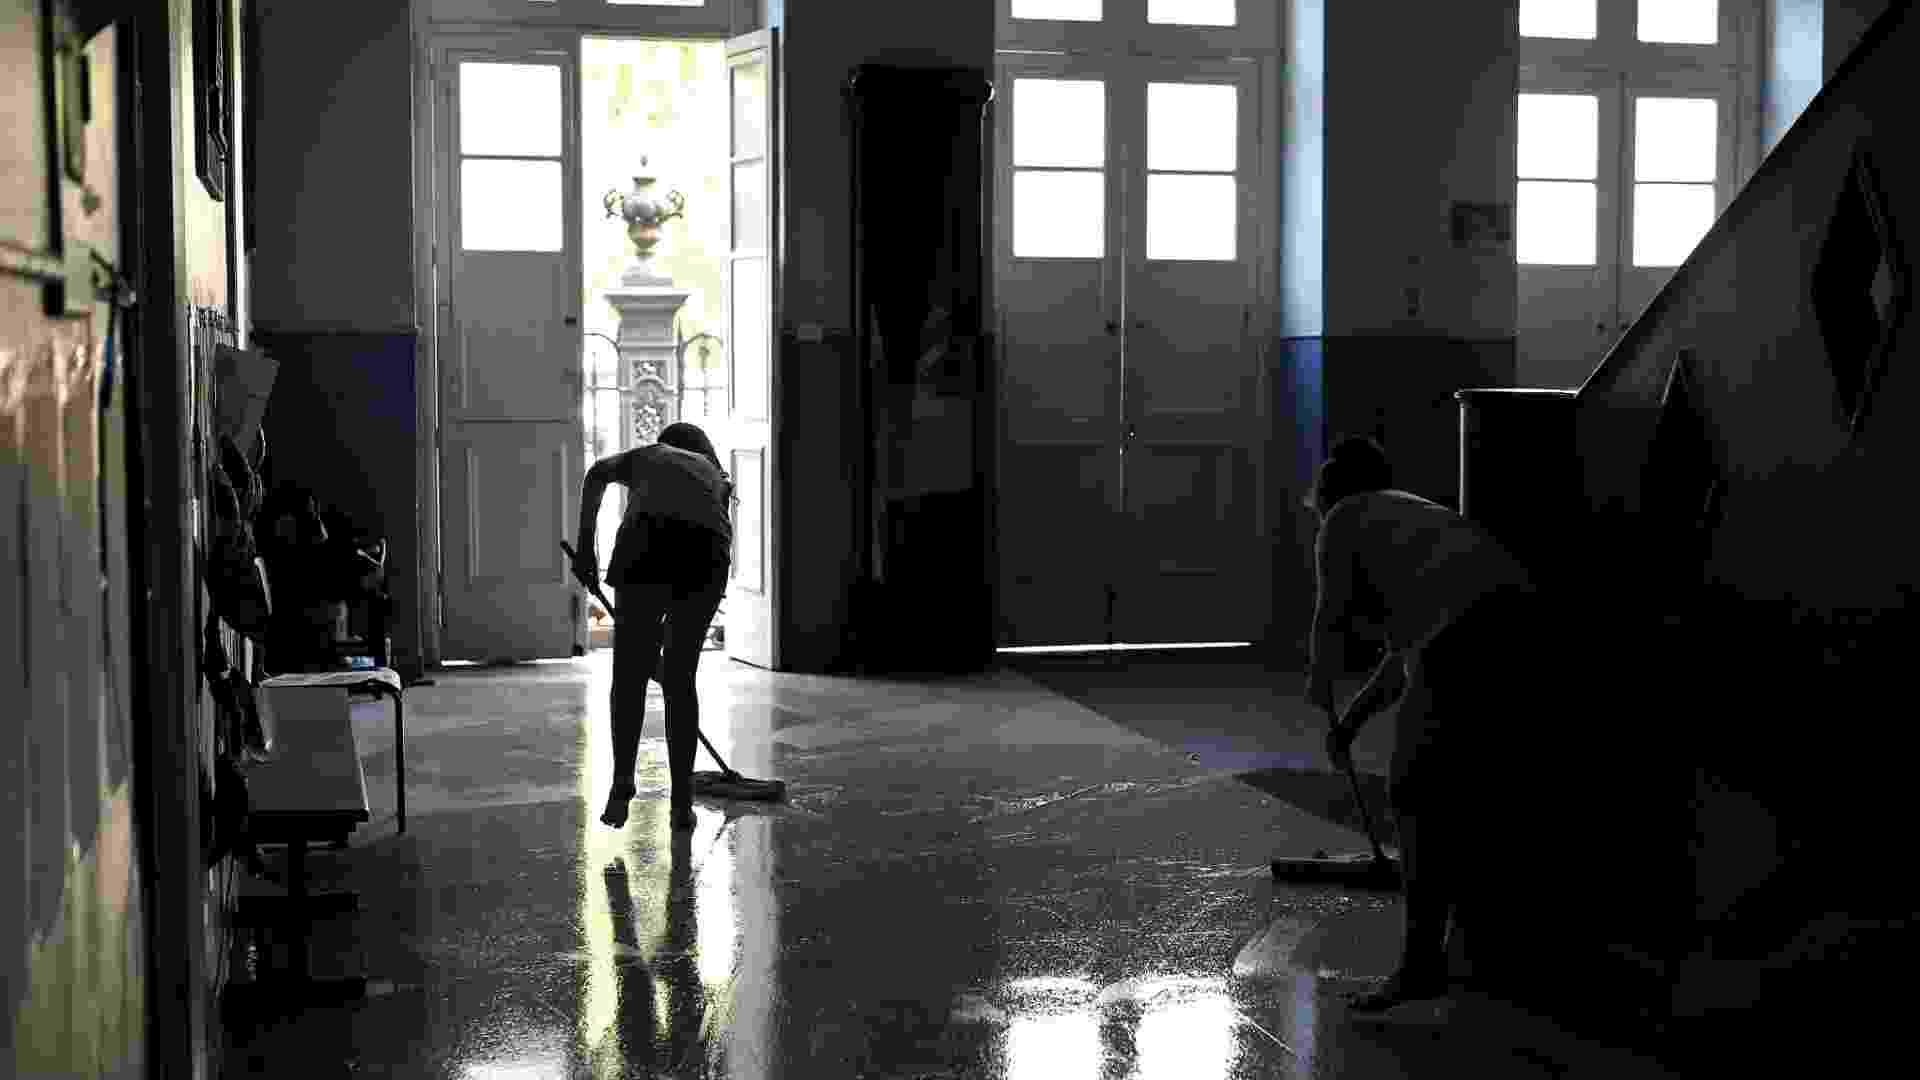 20.abr.2016 - Alunas responsáveis pela limpeza lavam o hall de entrada do Colégio Estadual Amaro Cavalcanti, na zona sul do Rio. As escolas estão ocupadas em apoio à greve dos professores e para pedir melhorias no ensino na rede estadual - Júlio César Guimarães/UOL